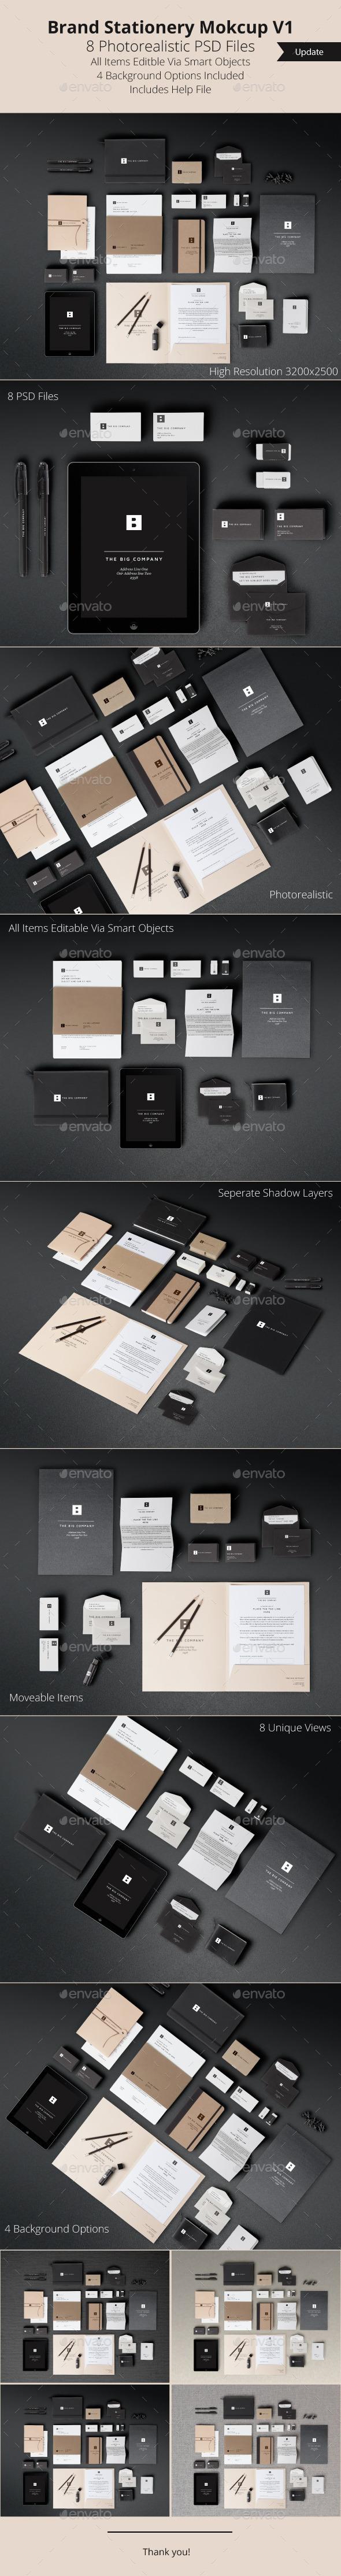 Brand Stationery Mockup V1 - Stationery Print